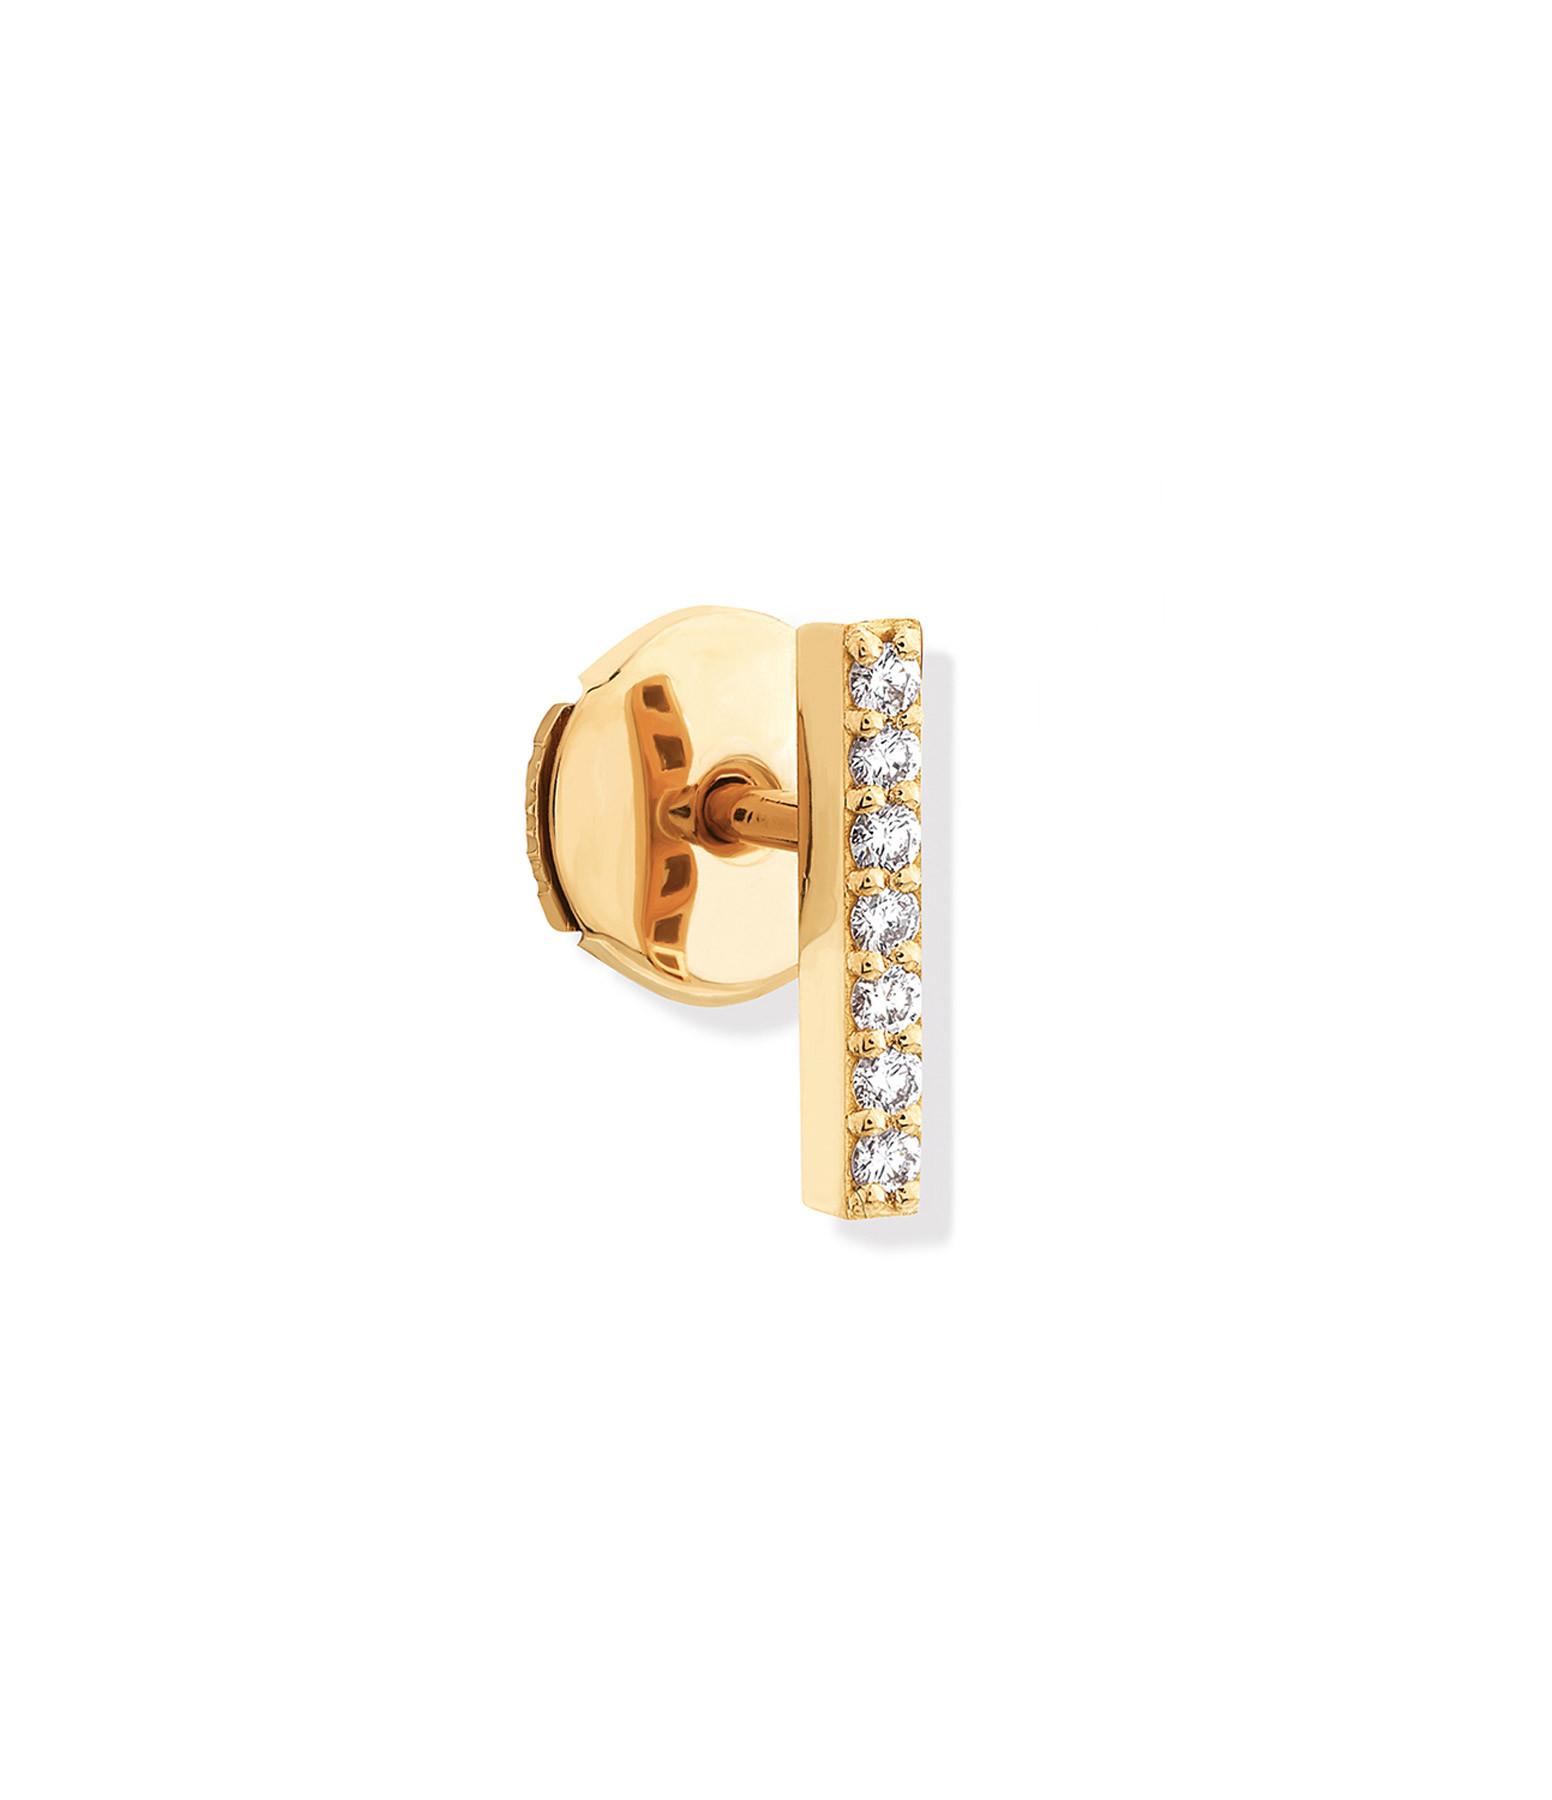 NAVA JOAILLERIE - Mini Créole Barrette Hash Diamants Or Jaune (vendue à l'unité)